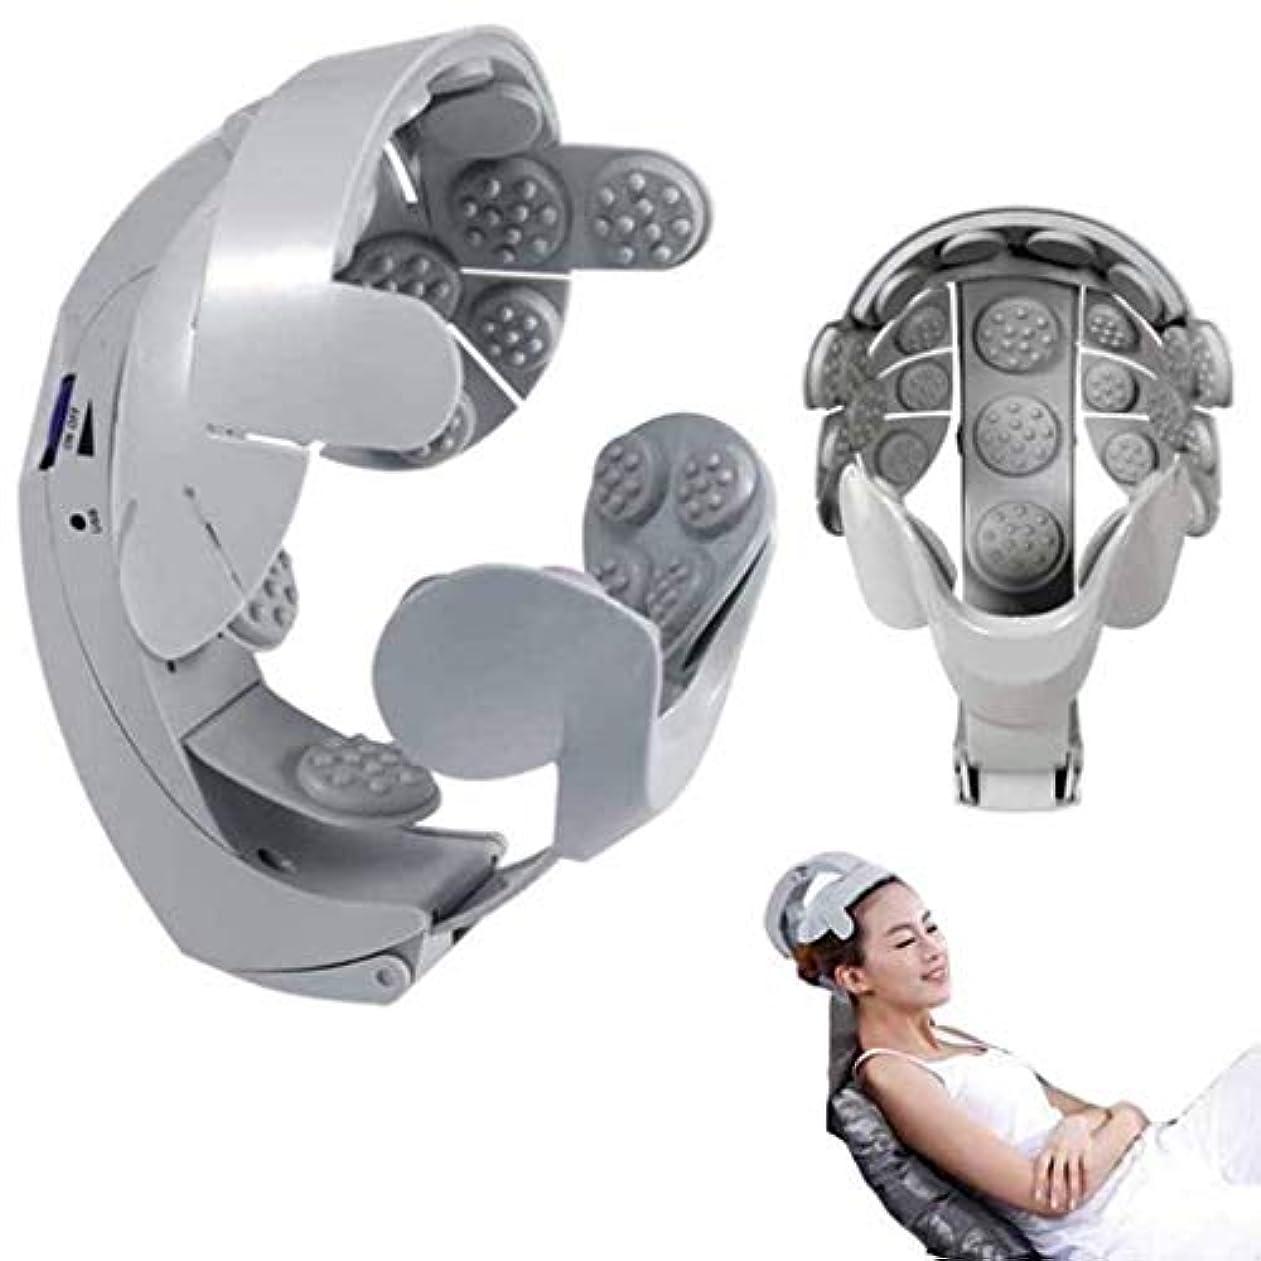 勇敢なちなみにアーサー電気ヘッドマッサージャー、8調整可能なヘルメット頭皮鍼治療のポイント、ユーザーフレンドリーなデザイン、脳マッサージは簡単です